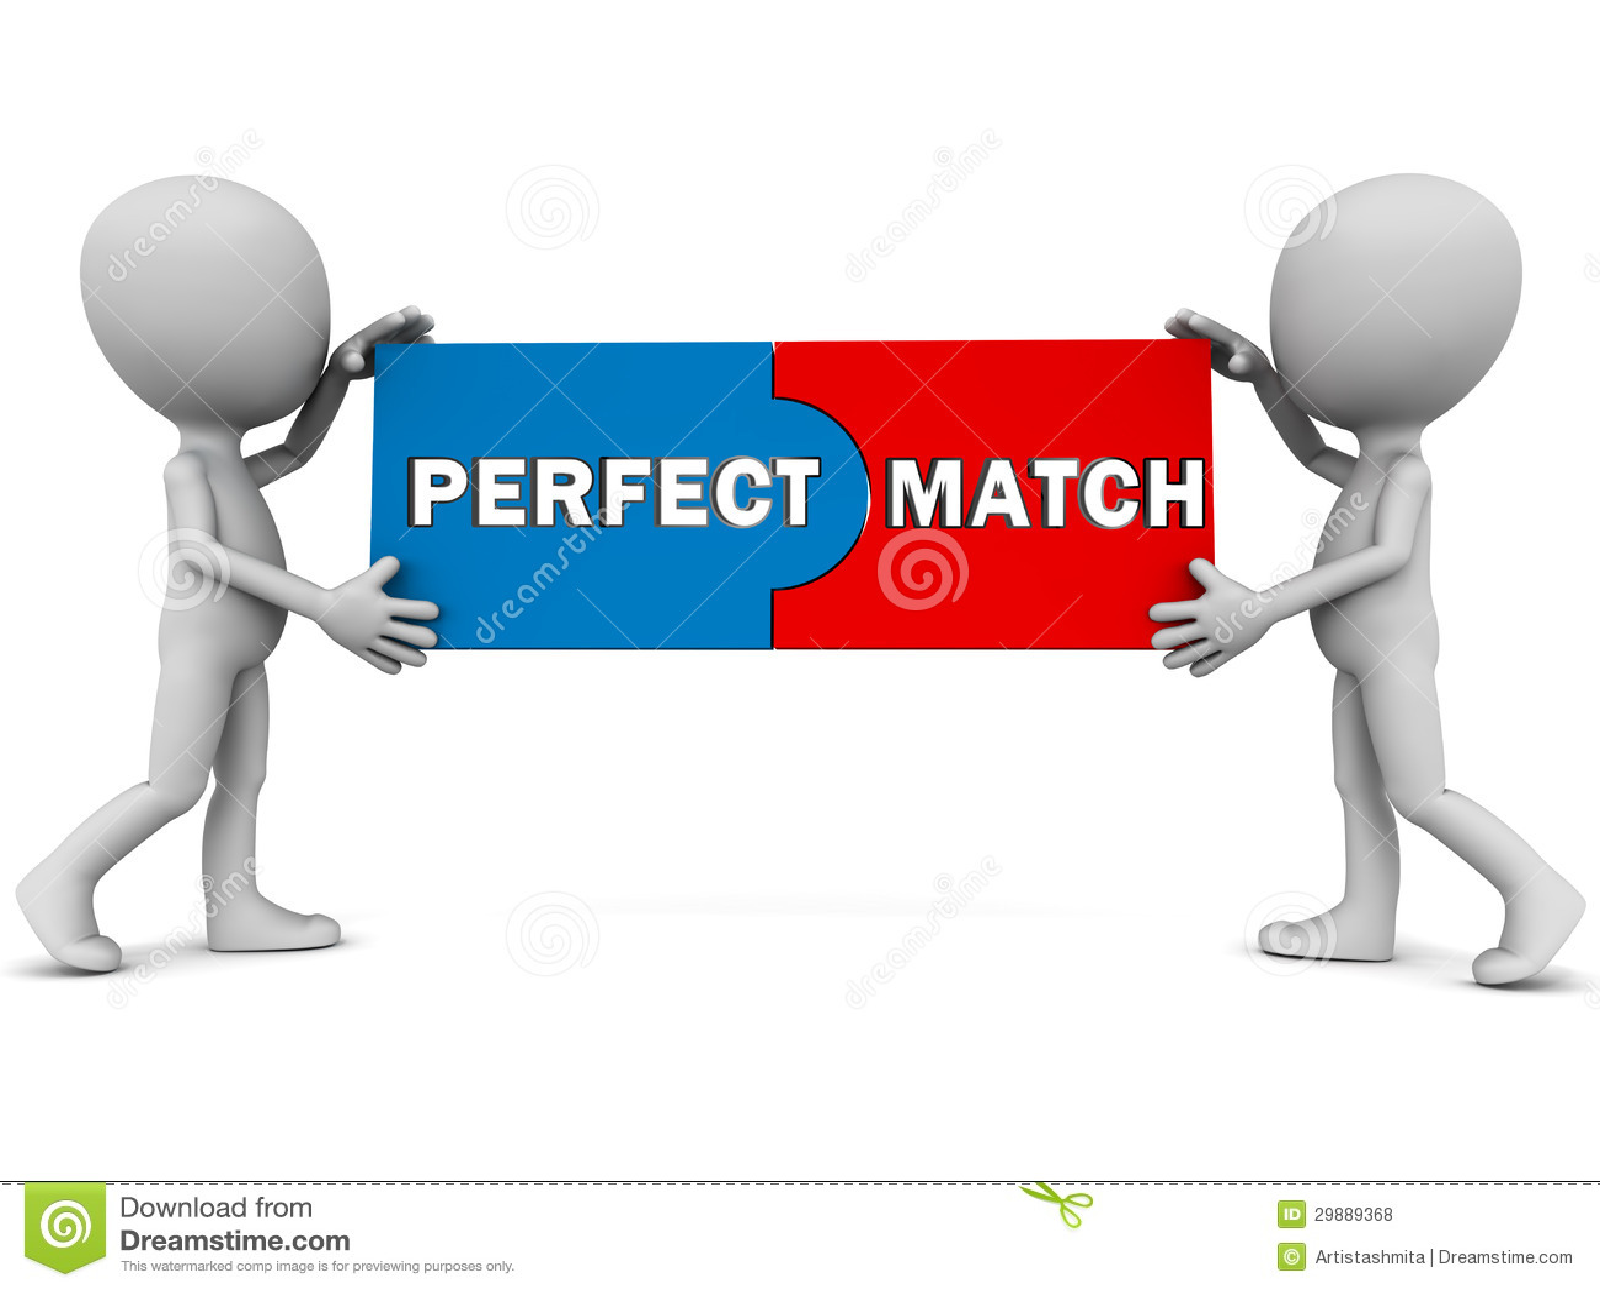 perfect match free